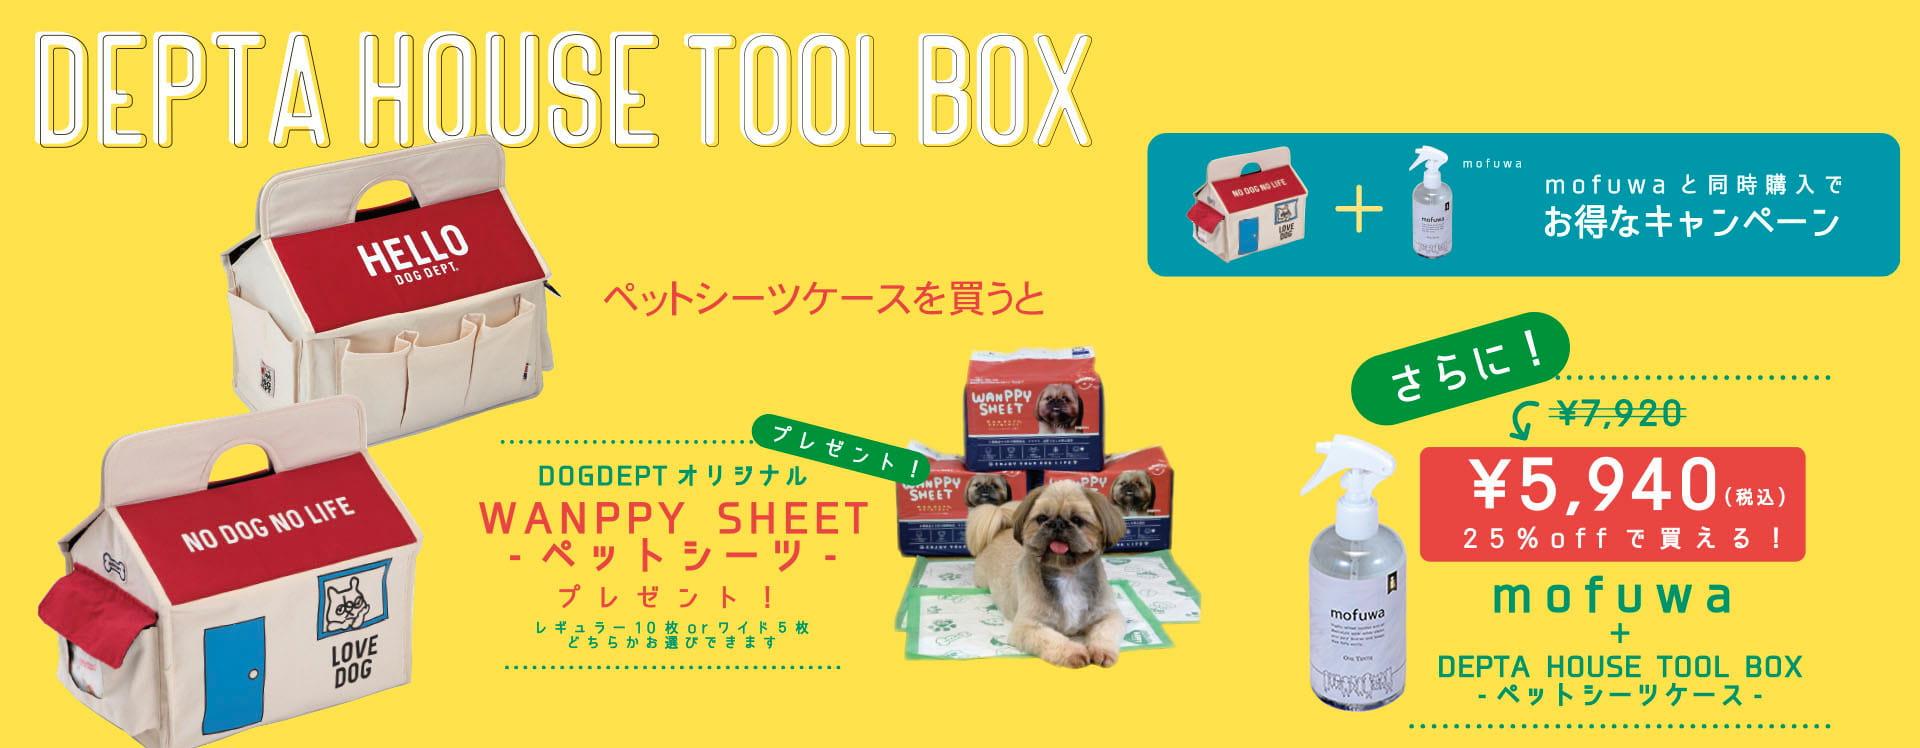 ブランドのドッグデプト/DOG DEPT ペアルック